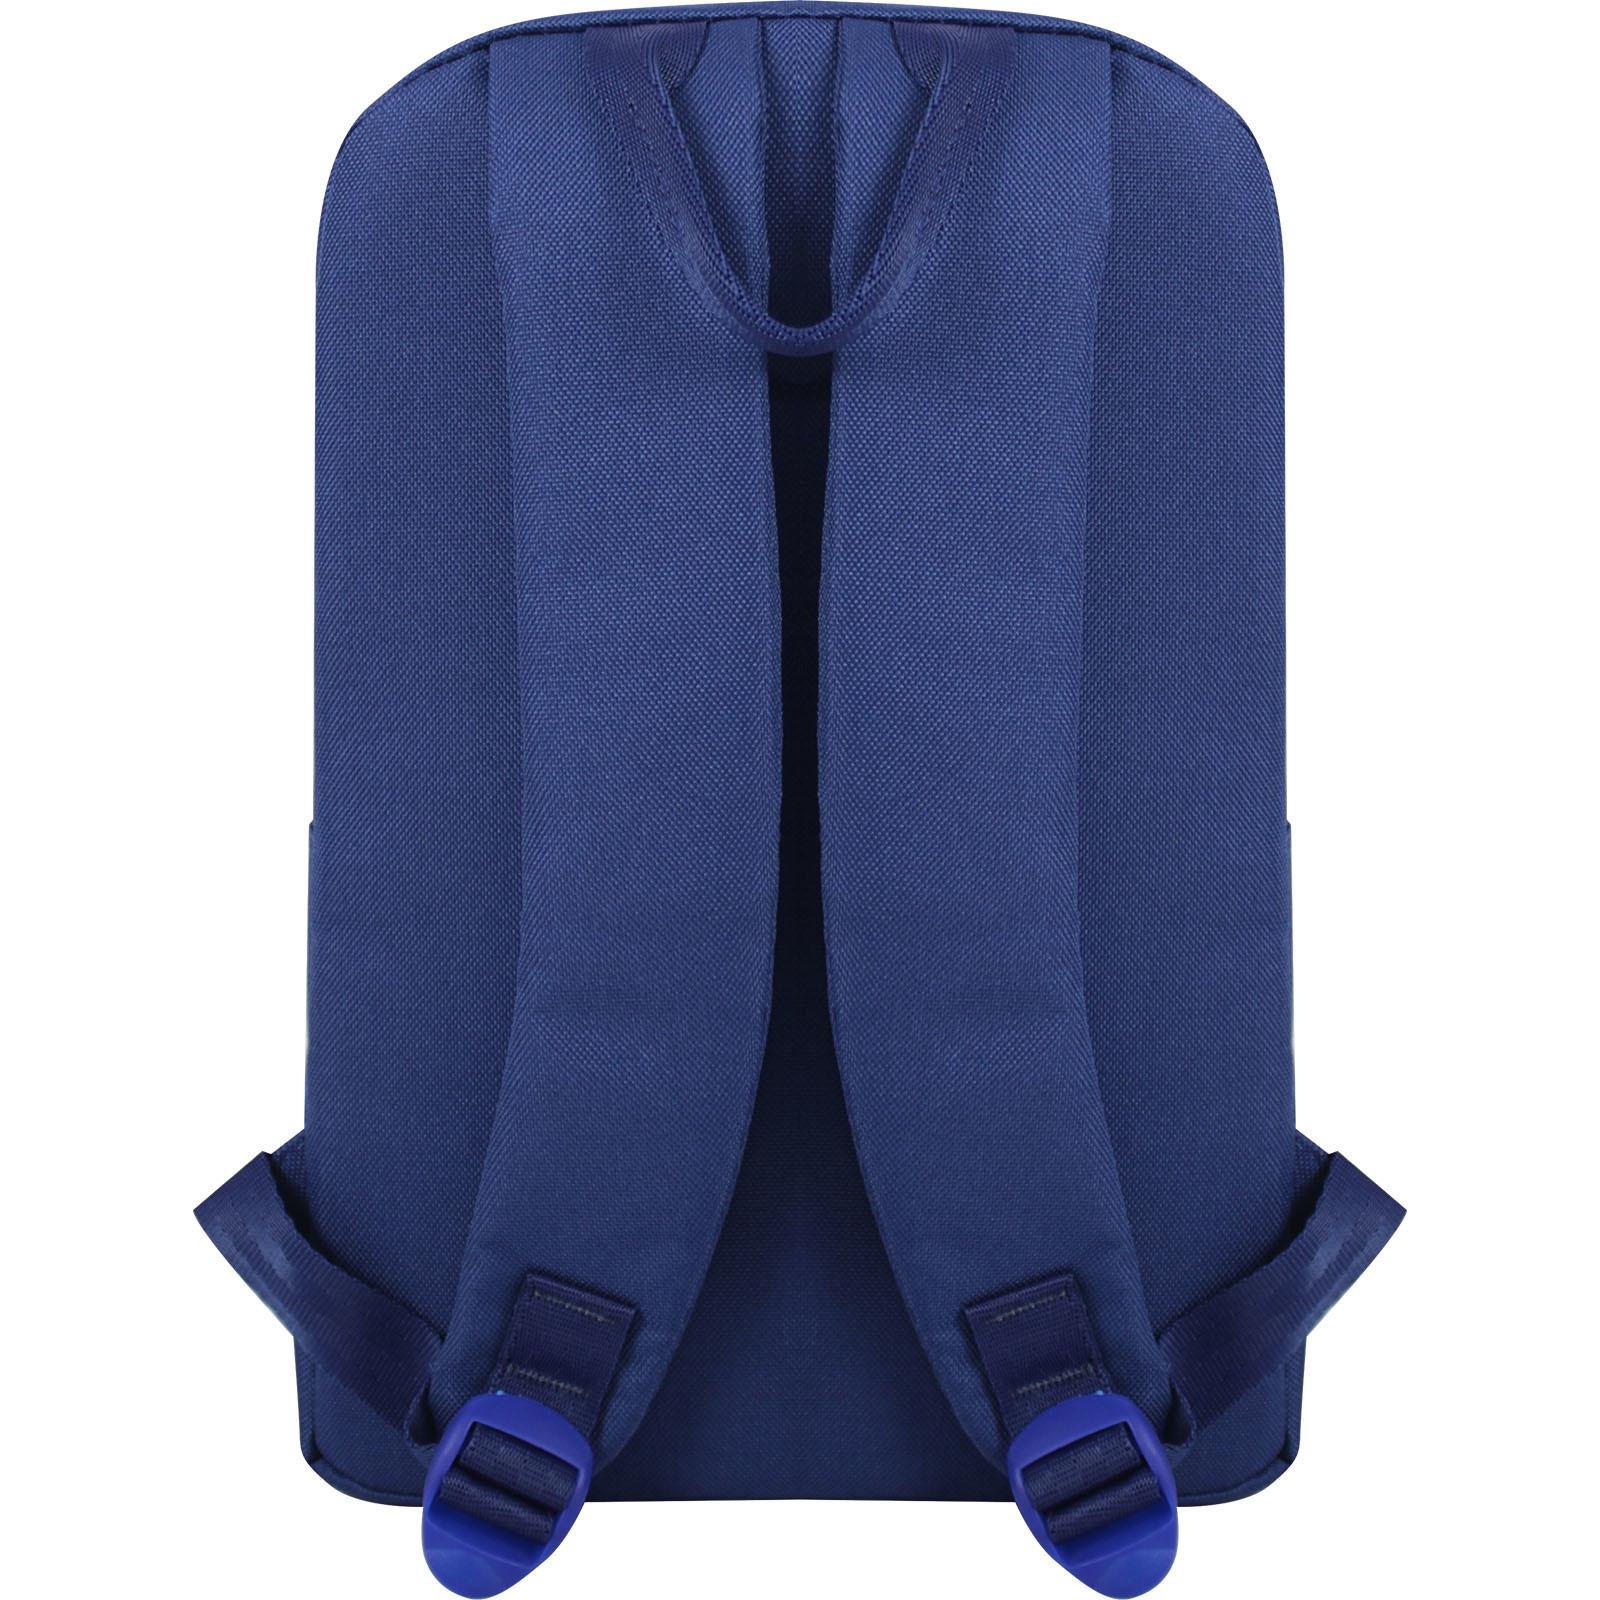 Рюкзак Bagland Молодежный mini 8 л. синий сублимация 742 (0050866) фото 3